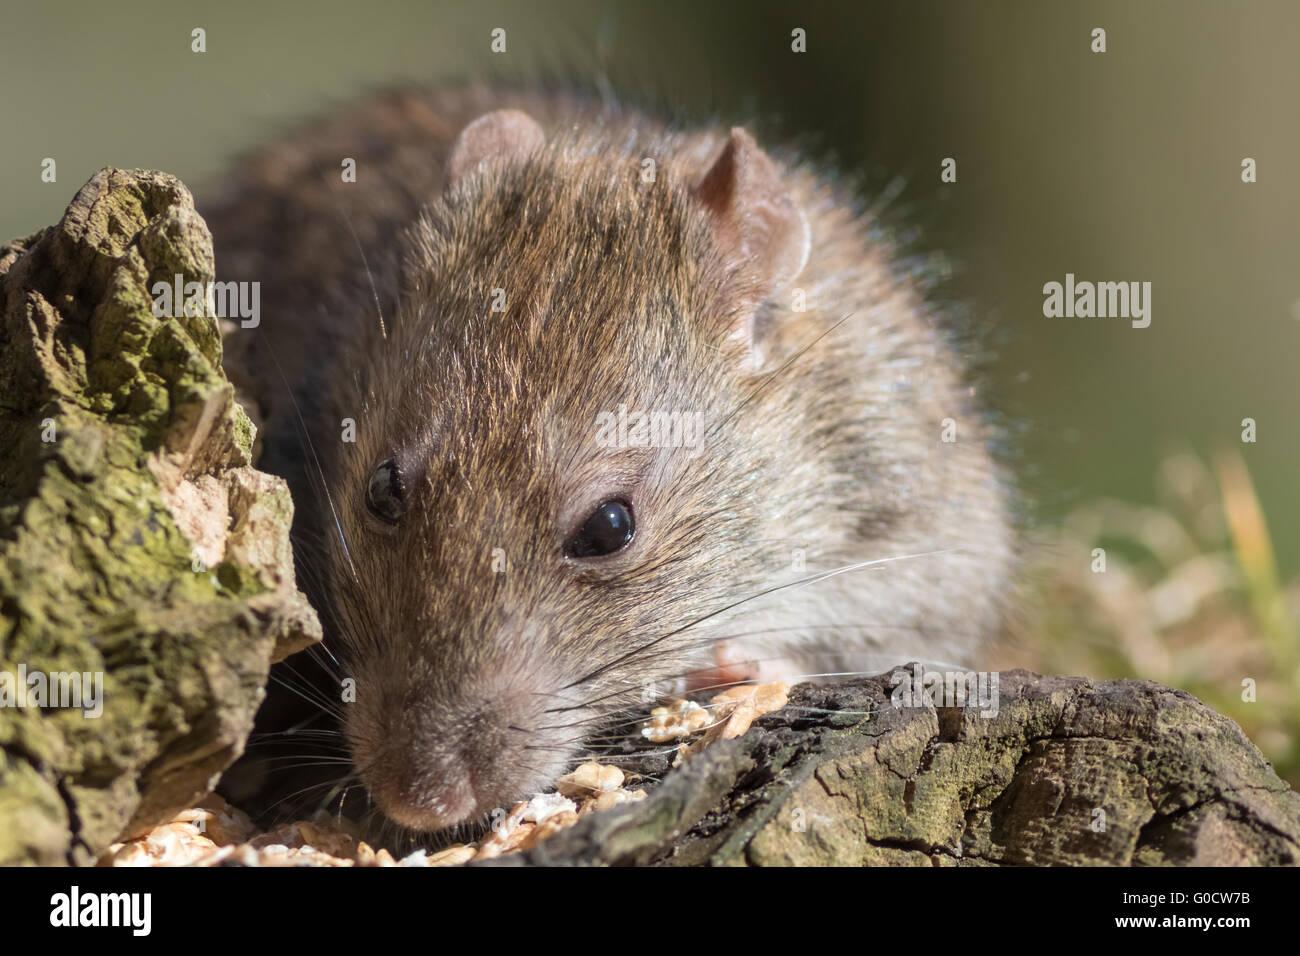 Ratte auf Nahrungssuche Stockbild